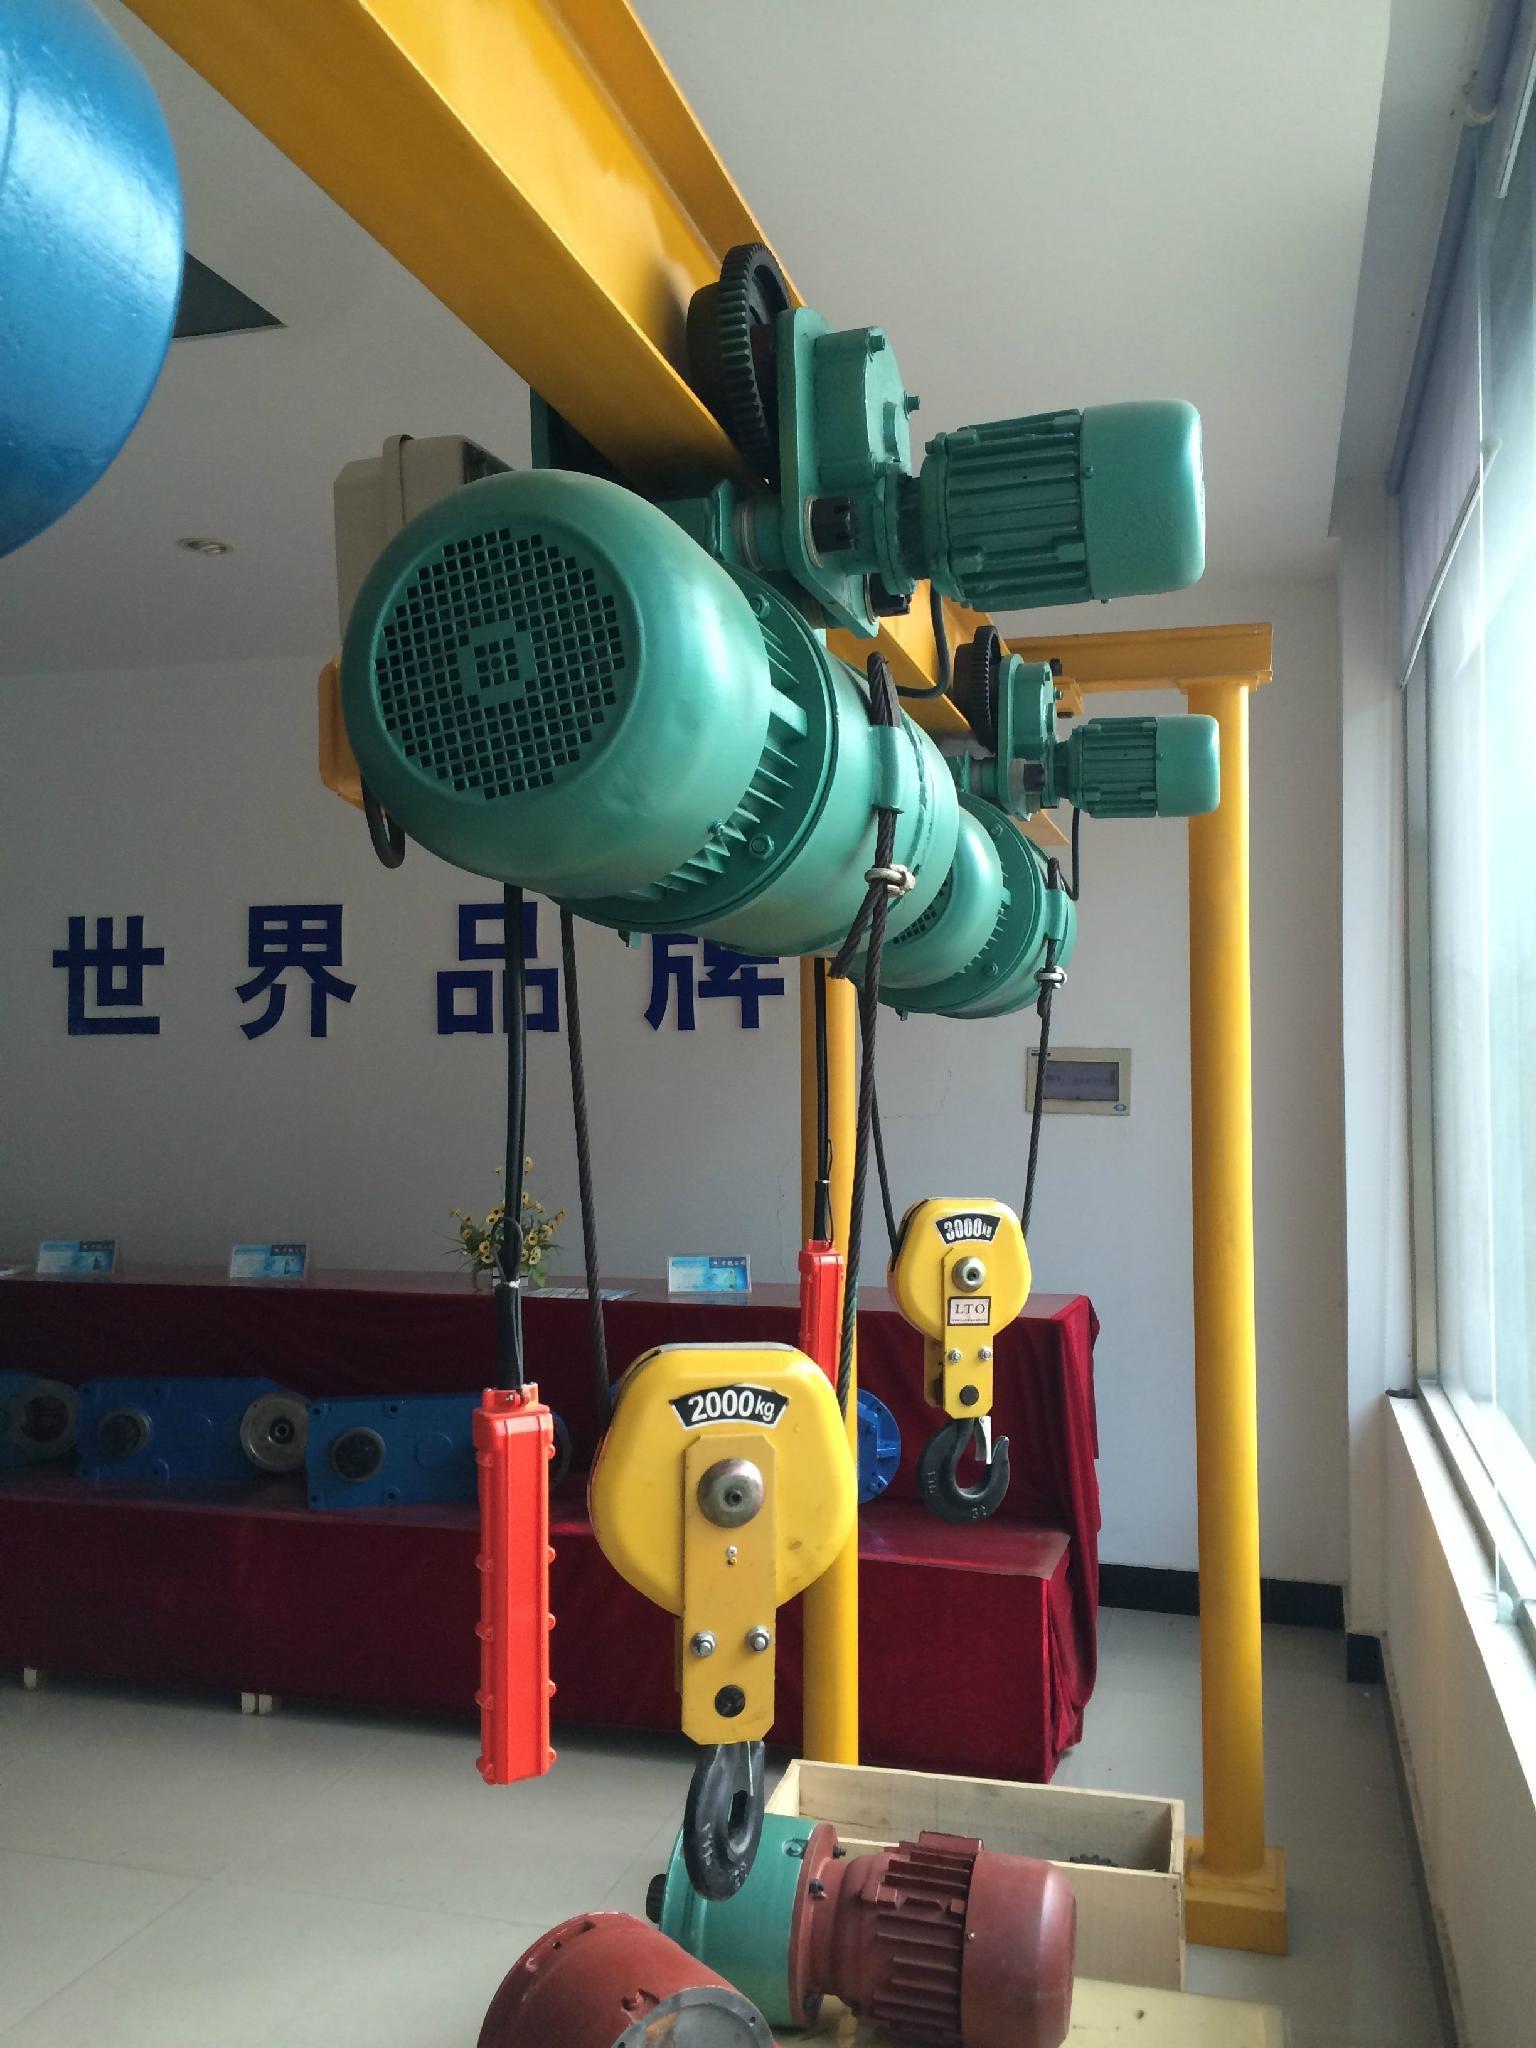 五吨双钩电动葫芦